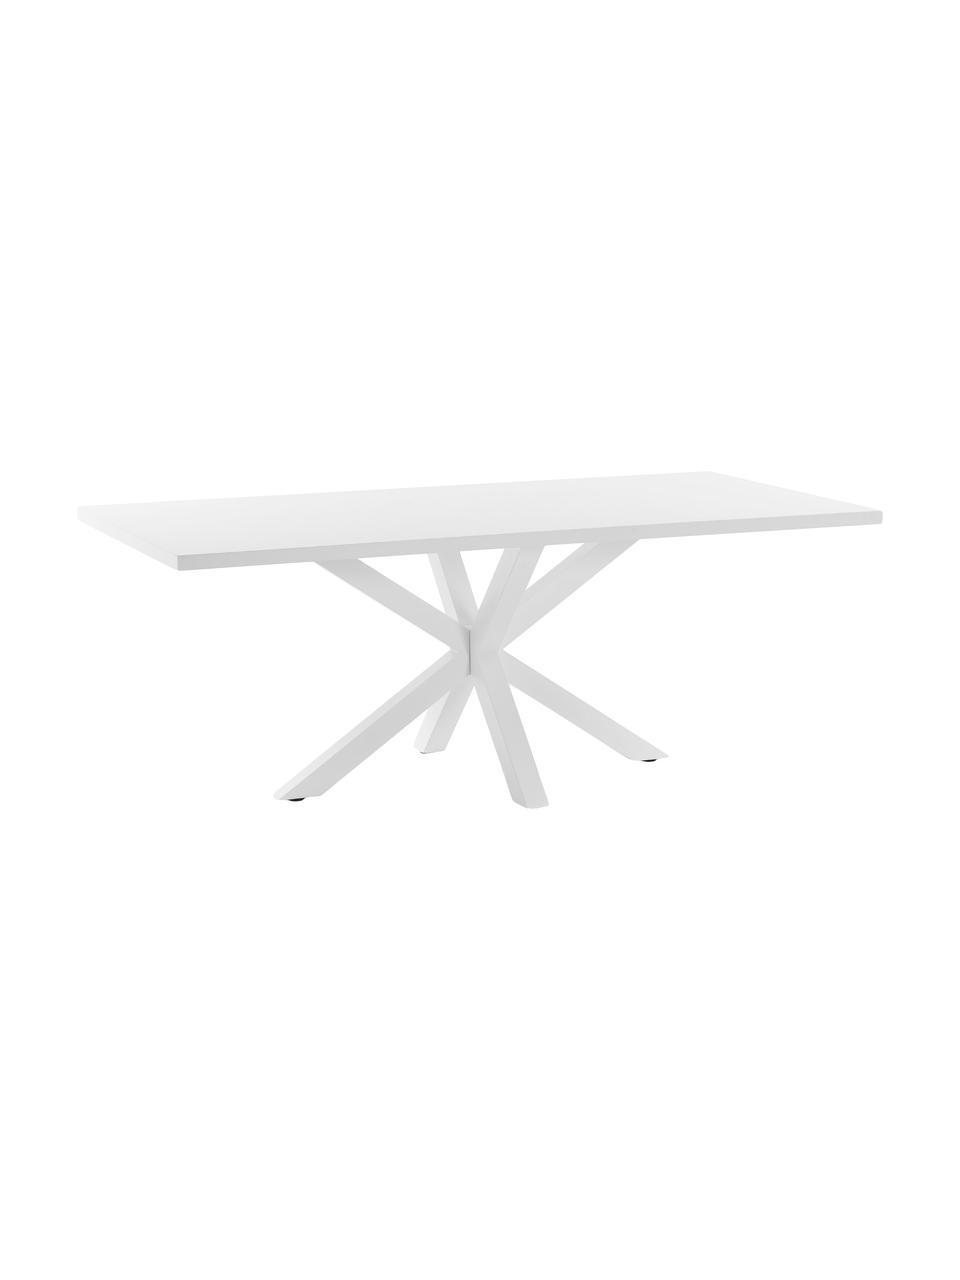 Stół do jadalni New-Arya, Blat: płyta pilśniowa średniej , Stelaż: metal lakierowany, Biały, S 160 x G 100 cm